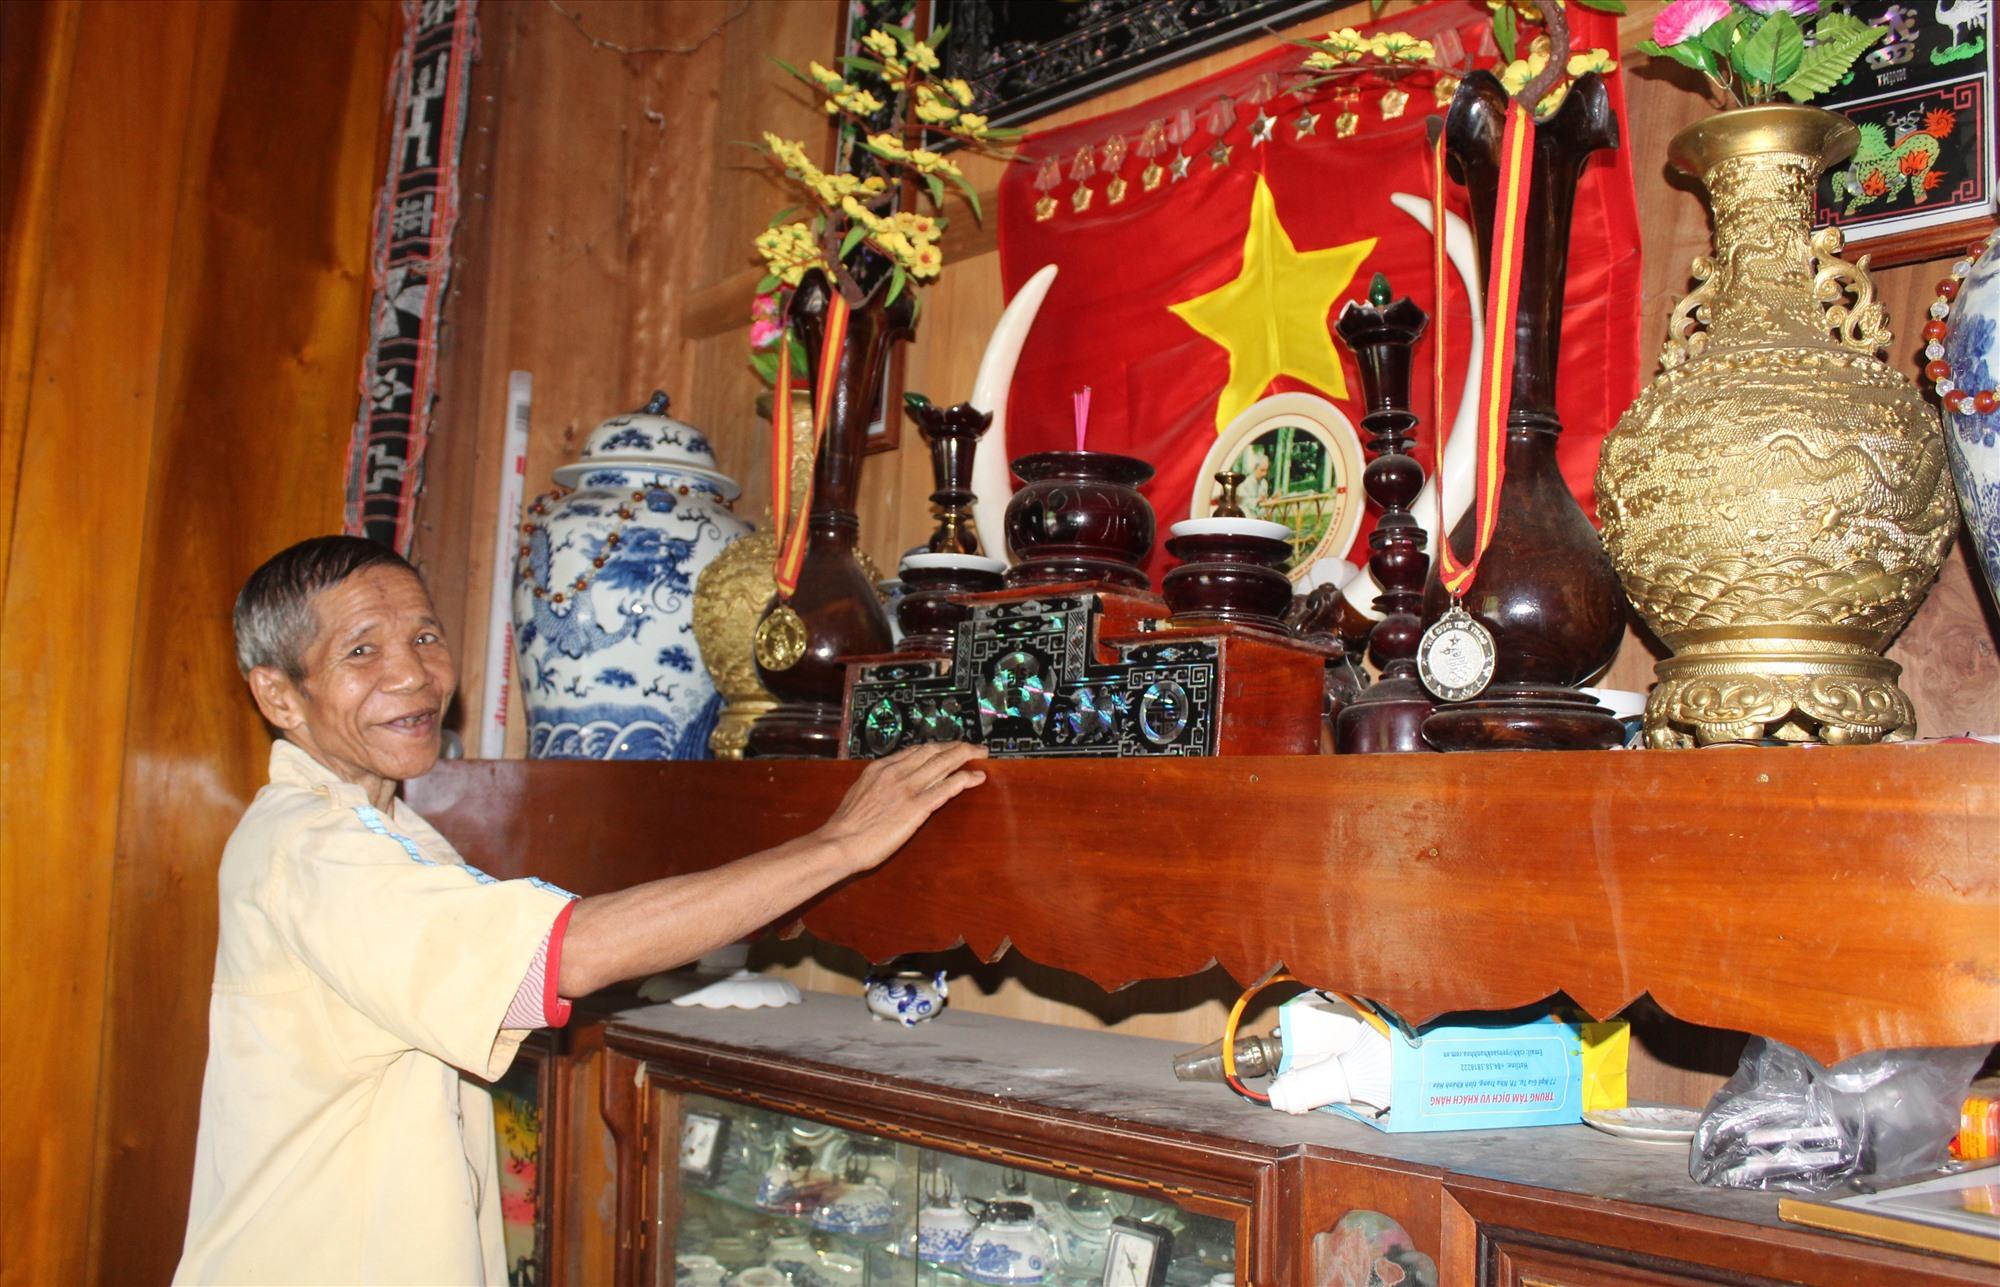 Đồng bào miền núi Quảng Nam vẫn giữ nét đẹp thờ cờ Tổ quốc và ảnh Bác Hồ. Ảnh: ĐÌNH HIỆP